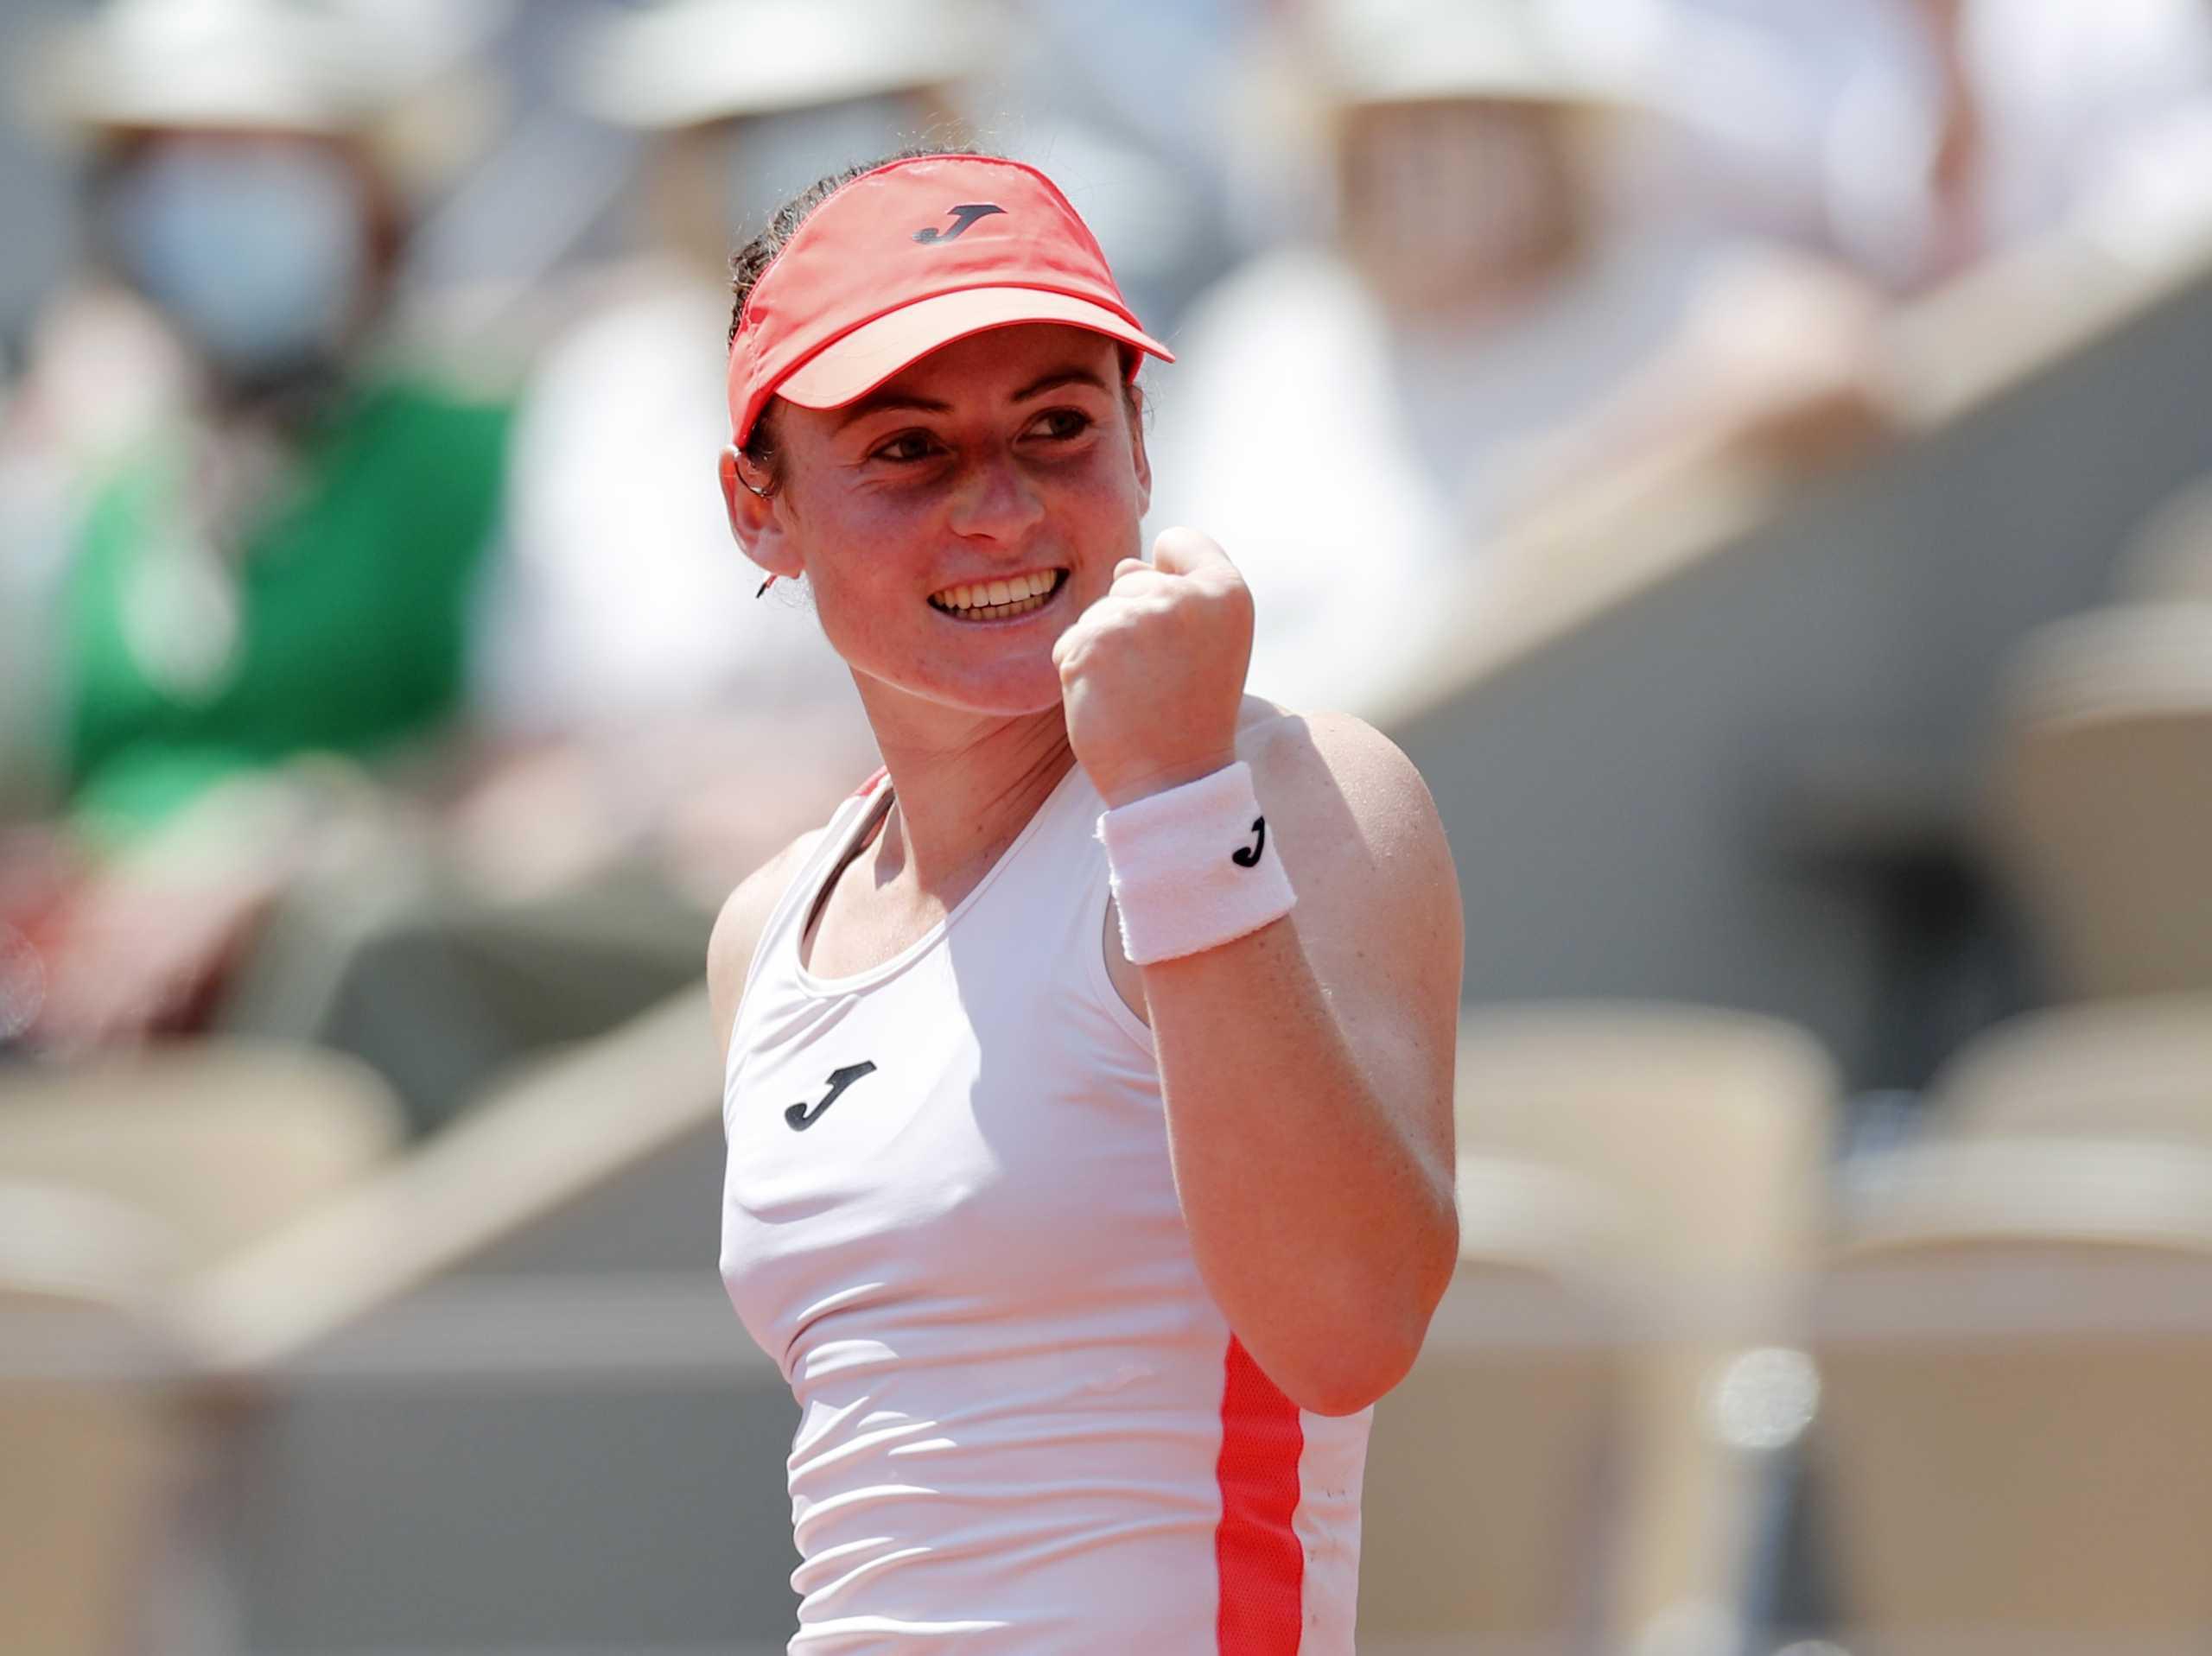 Έκπληξη στο Roland Garros: Στα ημιτελικά η Ζίντανσεκ